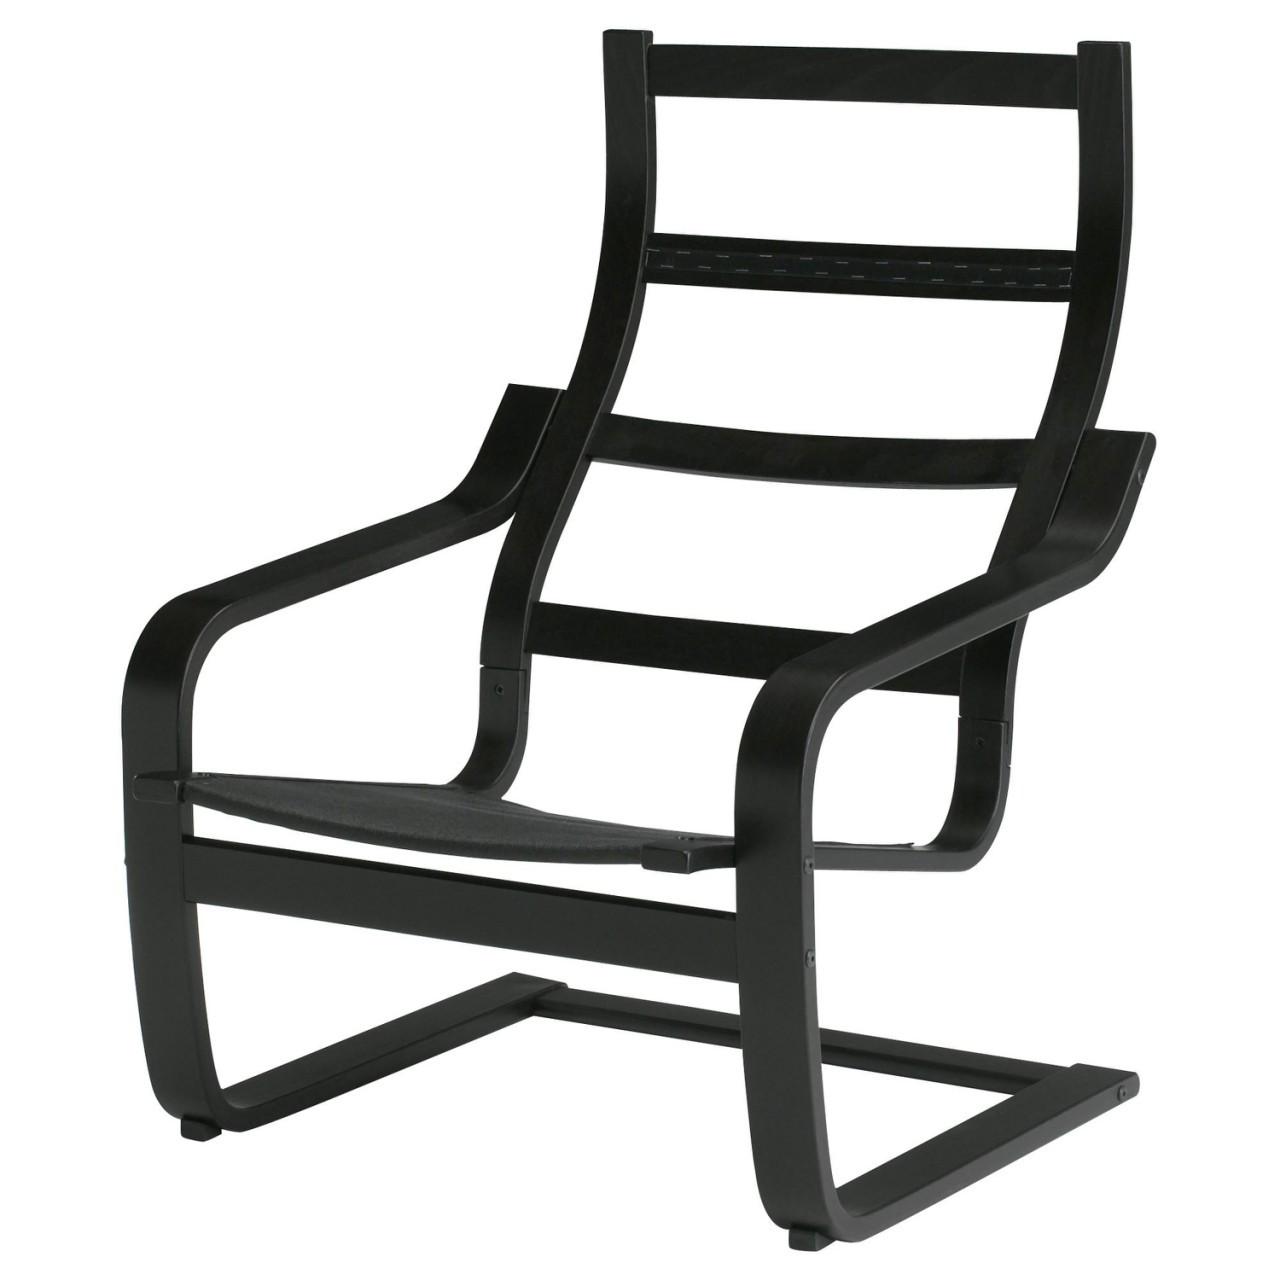 каркас кресла Ikea Poäng черный 200 698 52 купить по лучшей цене в киеве от компании Dom Ikea интернет магазин мебели и товаров икеа Ikea